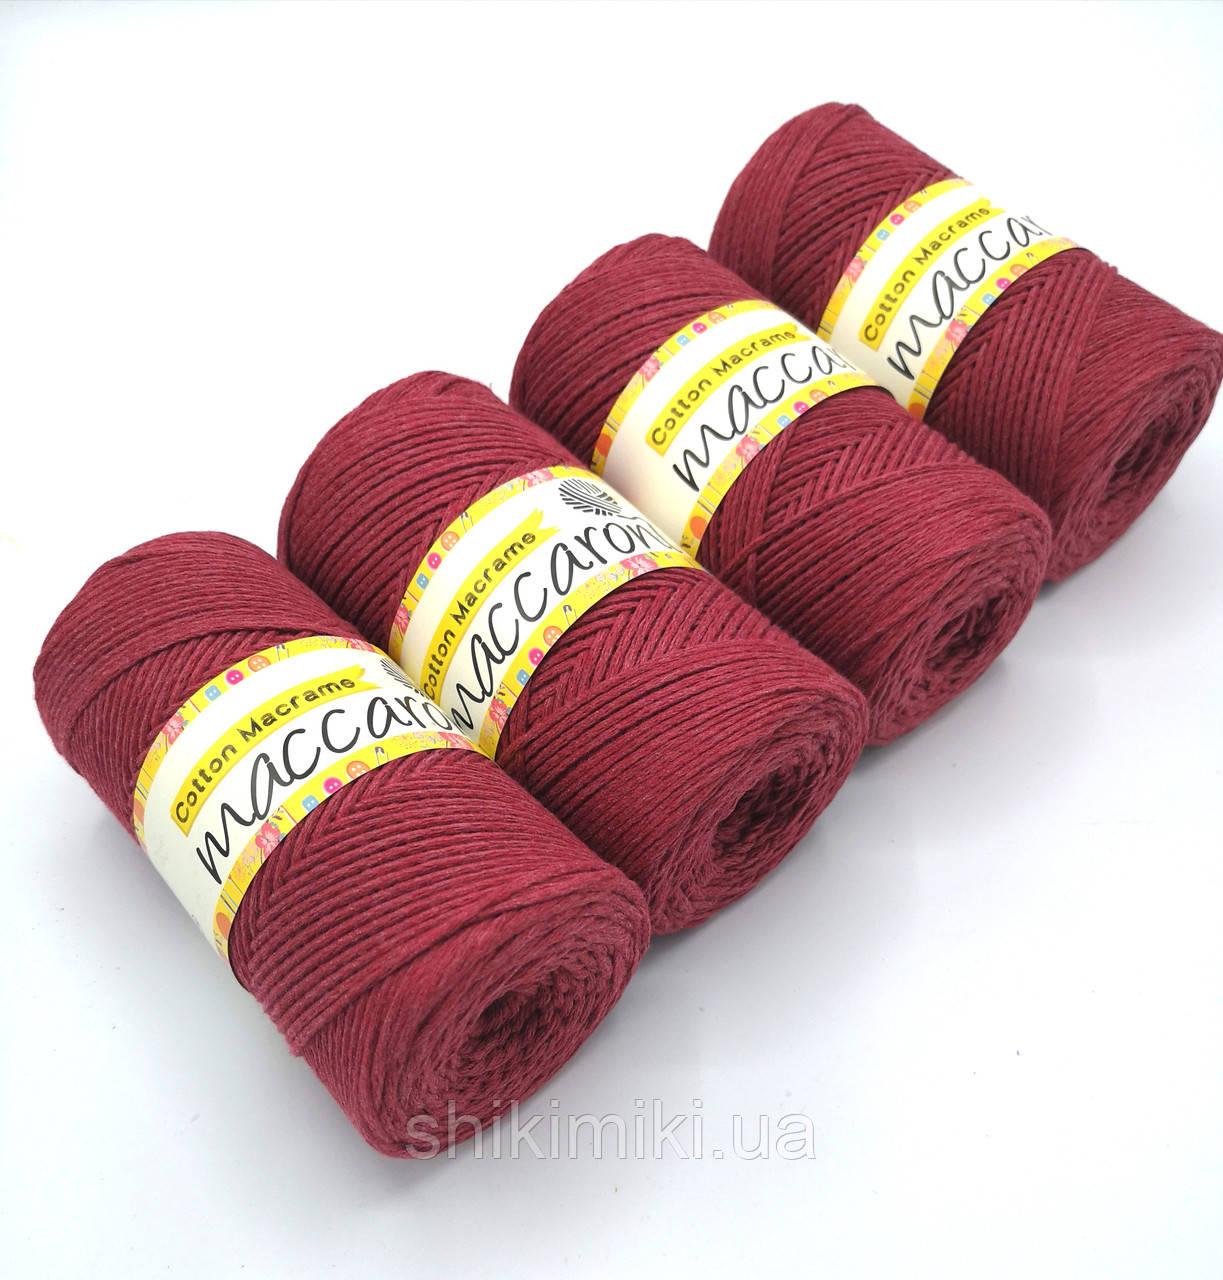 Эко Шнур Cotton Macrame, цвет Брусничный